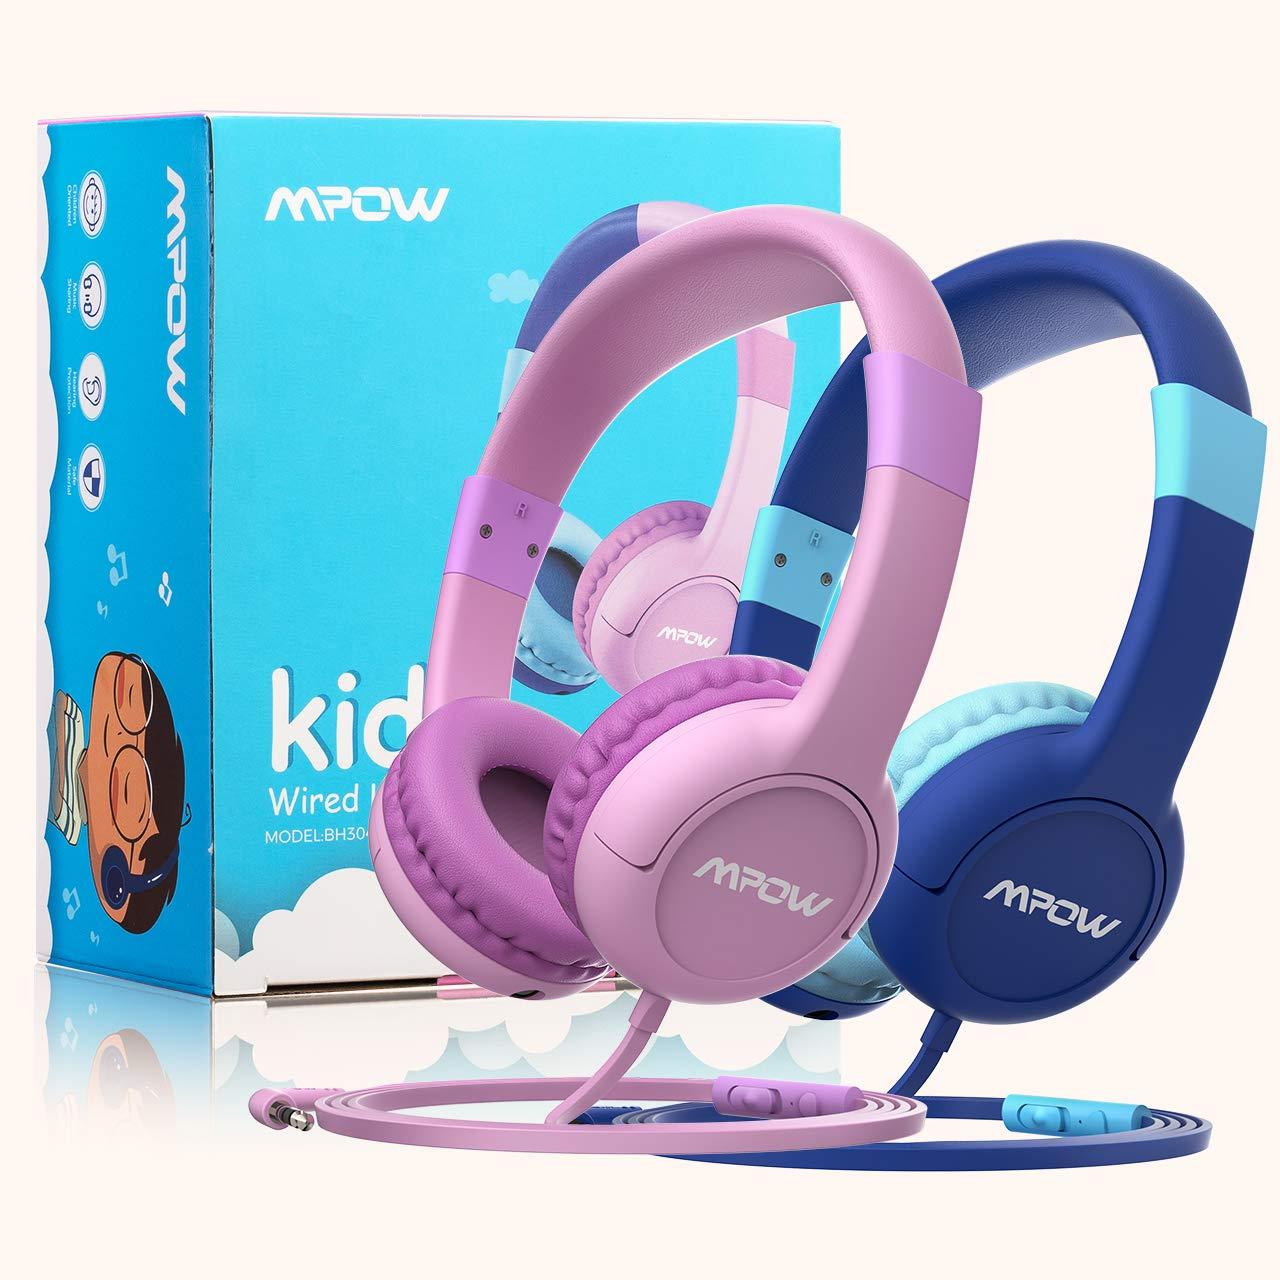 2X Mpow Kinder Kopfhörer 3.5mm Headset Ohrhörer Mikrofon On-Ear Musik-Sharing DE